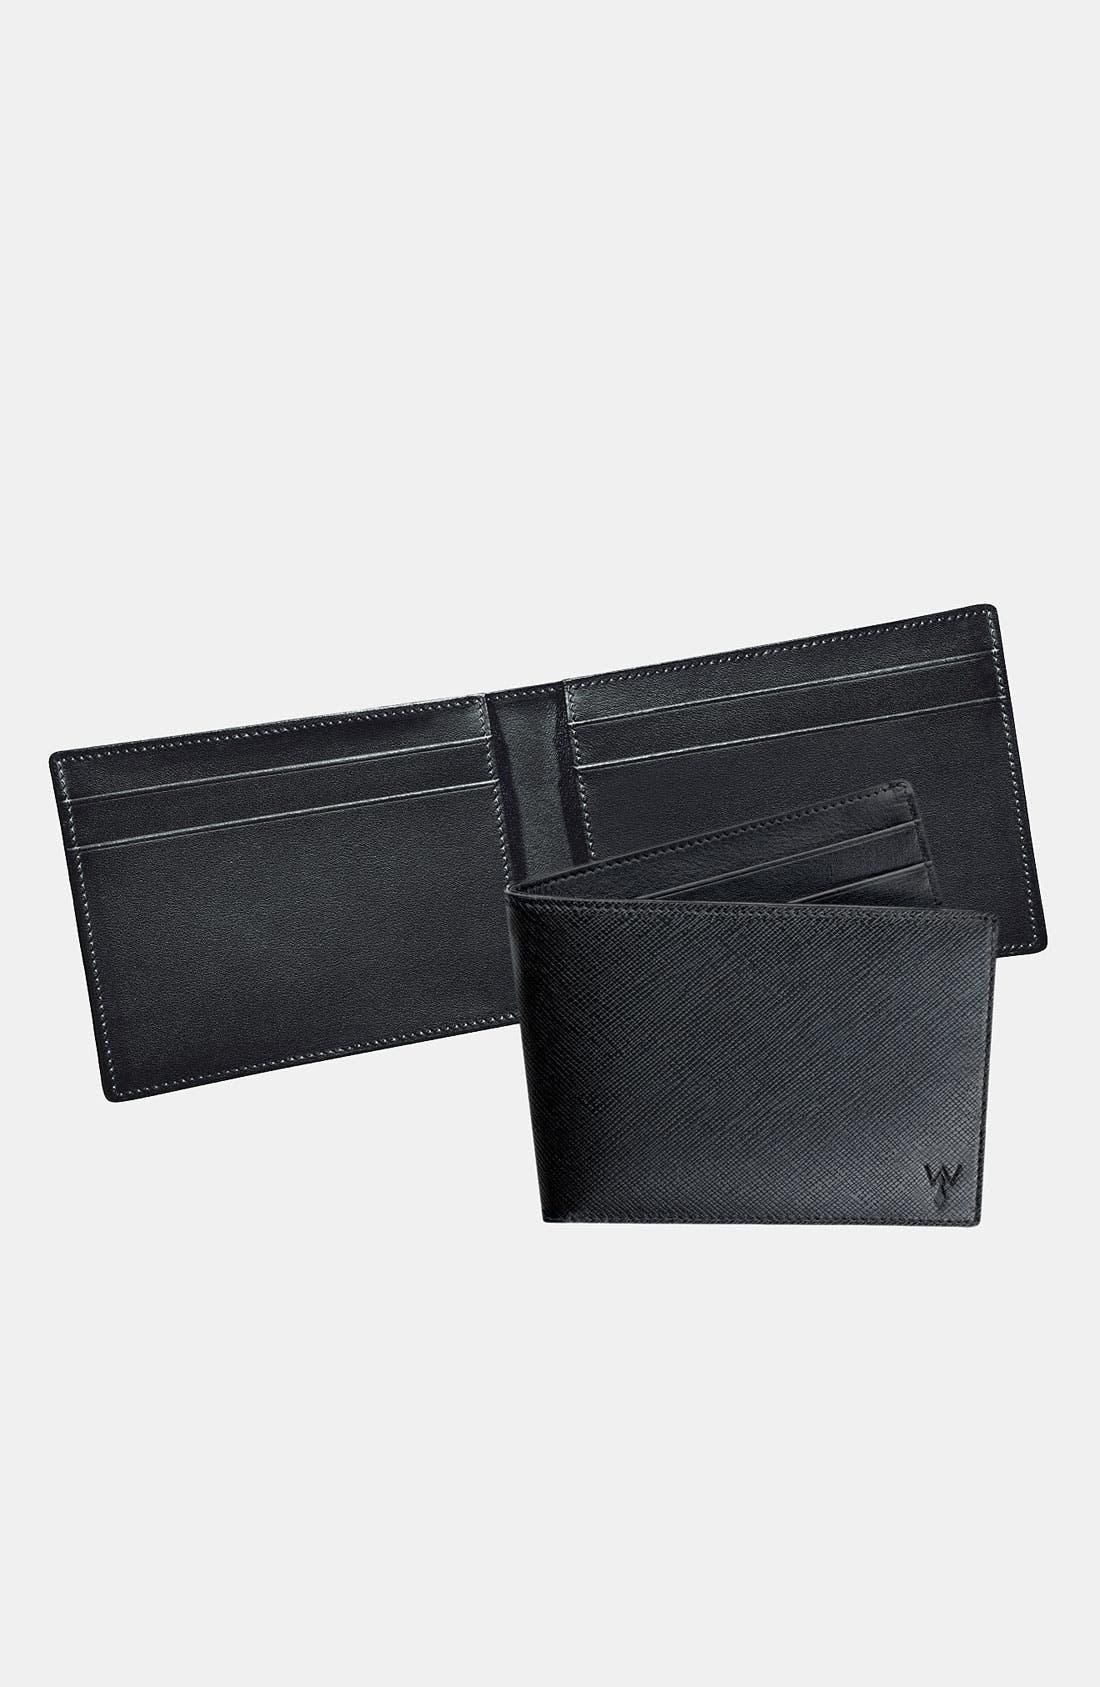 RFID Blocker Wallet,                         Main,                         color, 001